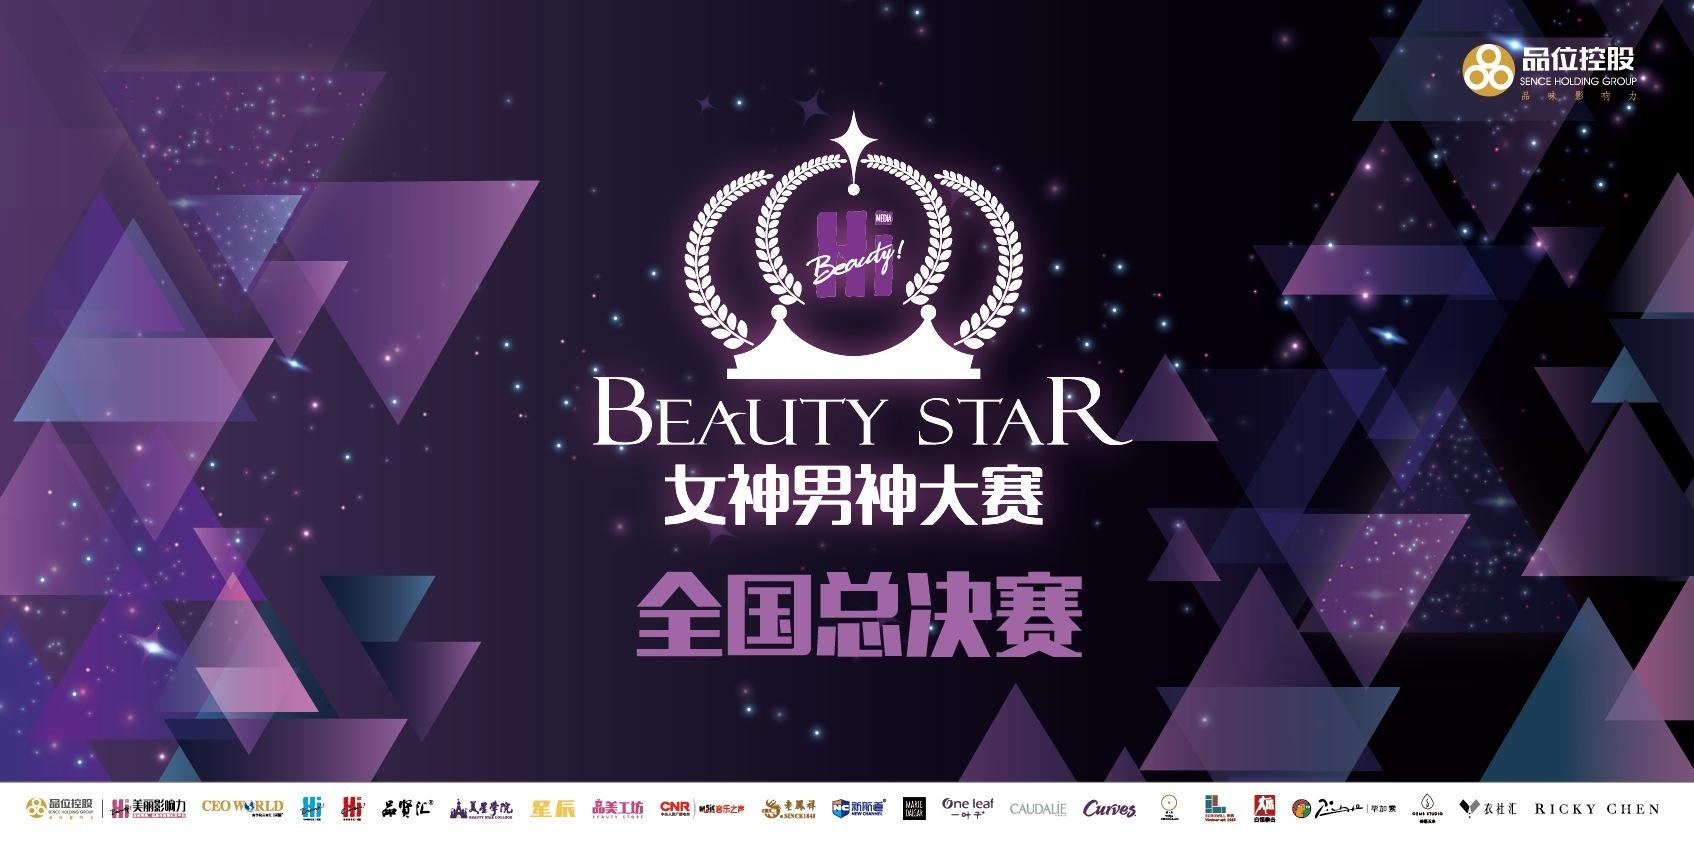 """首届""""BEAUTY STAR女神男神大赛""""即将上演"""